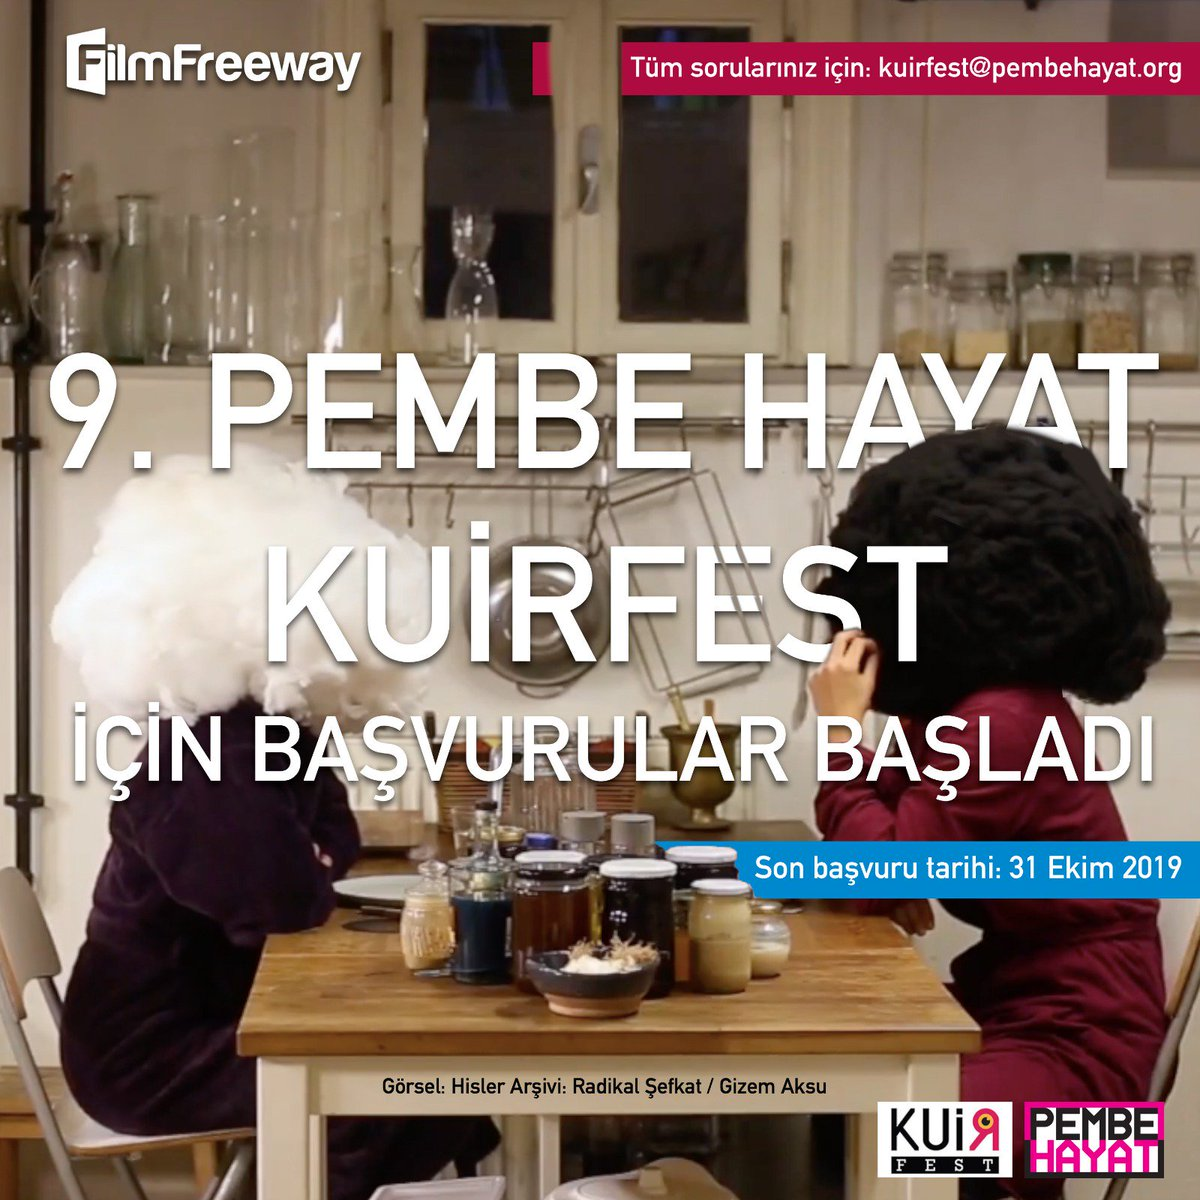 37aa0af233e Festivale FilmFreeway üzerinden yapılacak başvurular için son tarih 31 Ekim  2019. ...